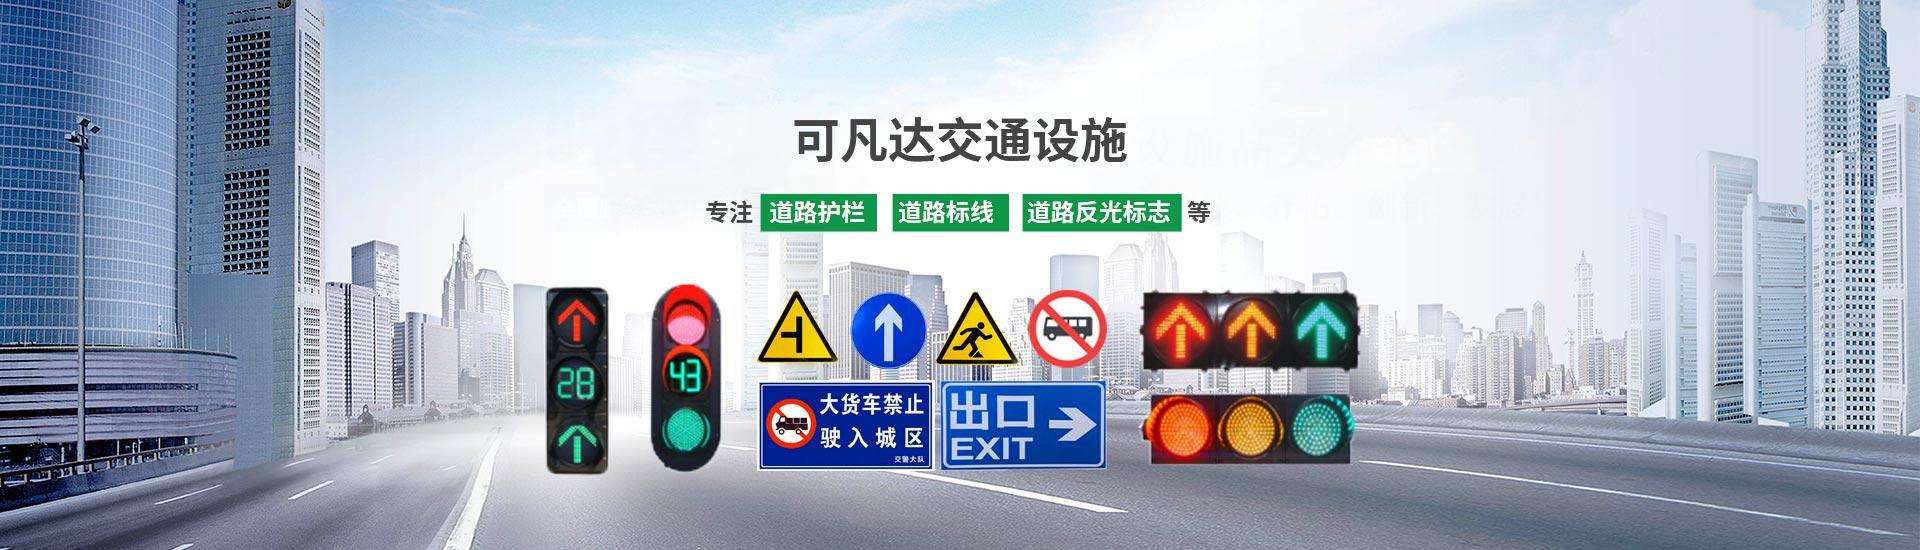 汉中停车场安全设施